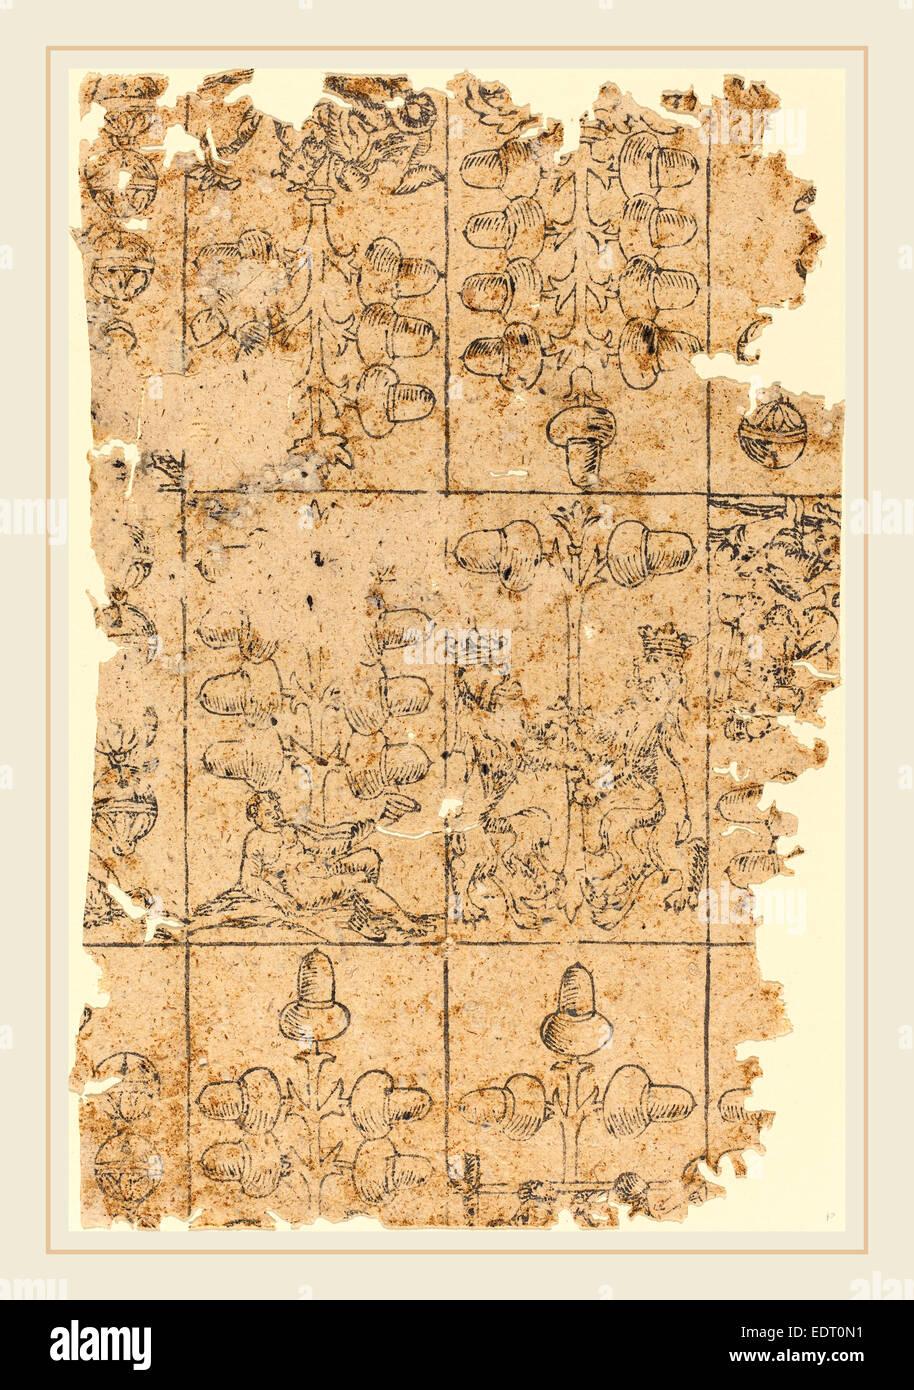 16ème siècle allemand, carte à jouer, gravure sur bois Photo Stock